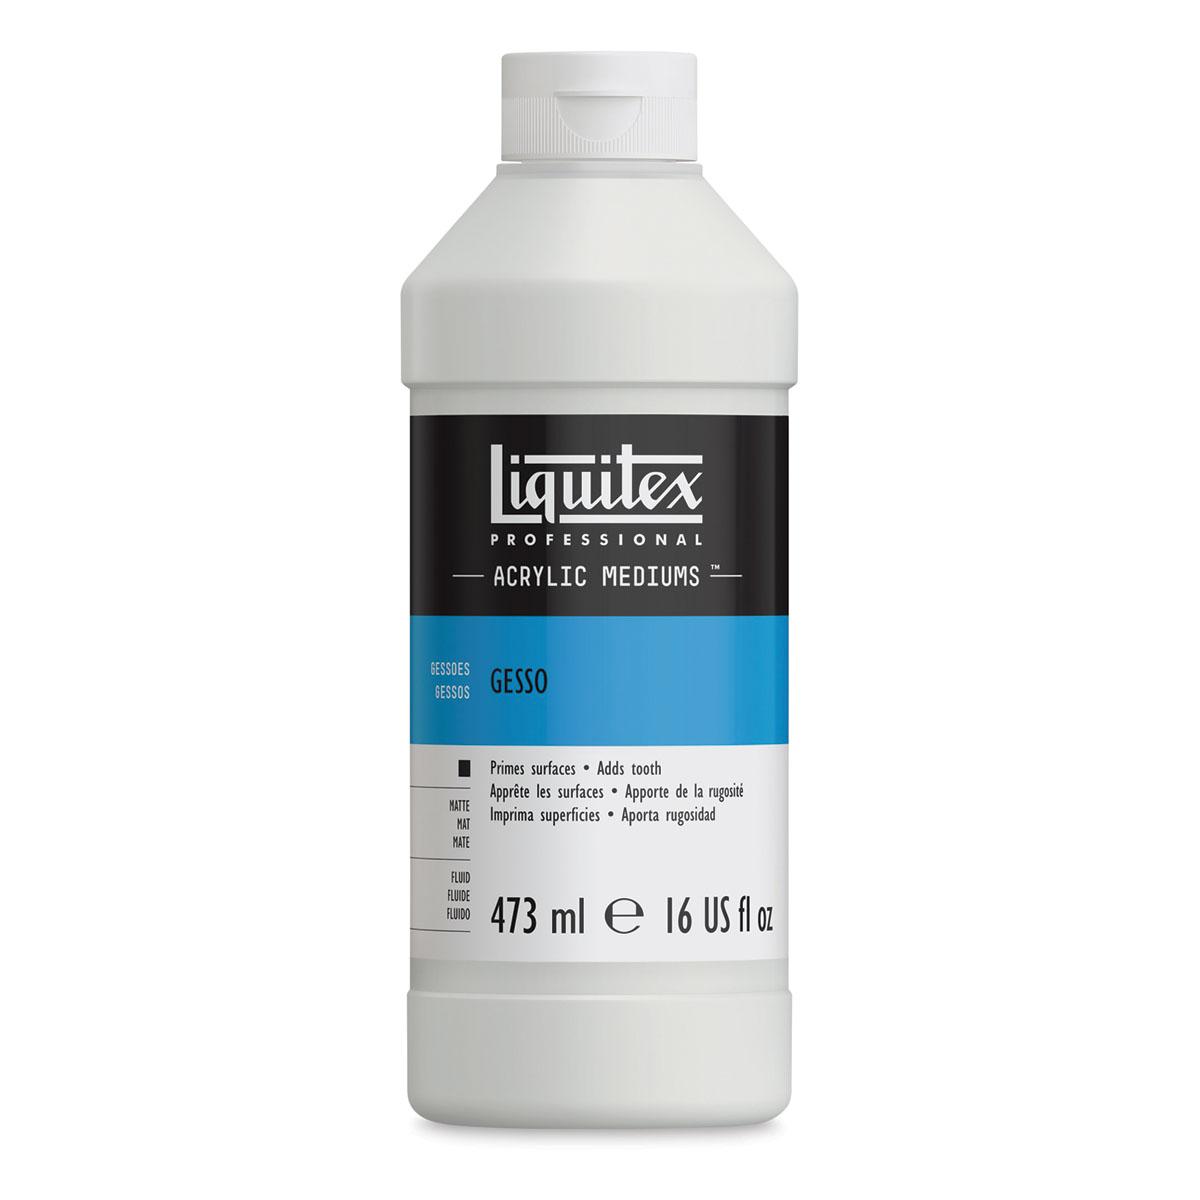 Liquitex Acrylic Gesso - White, 16 oz bottle